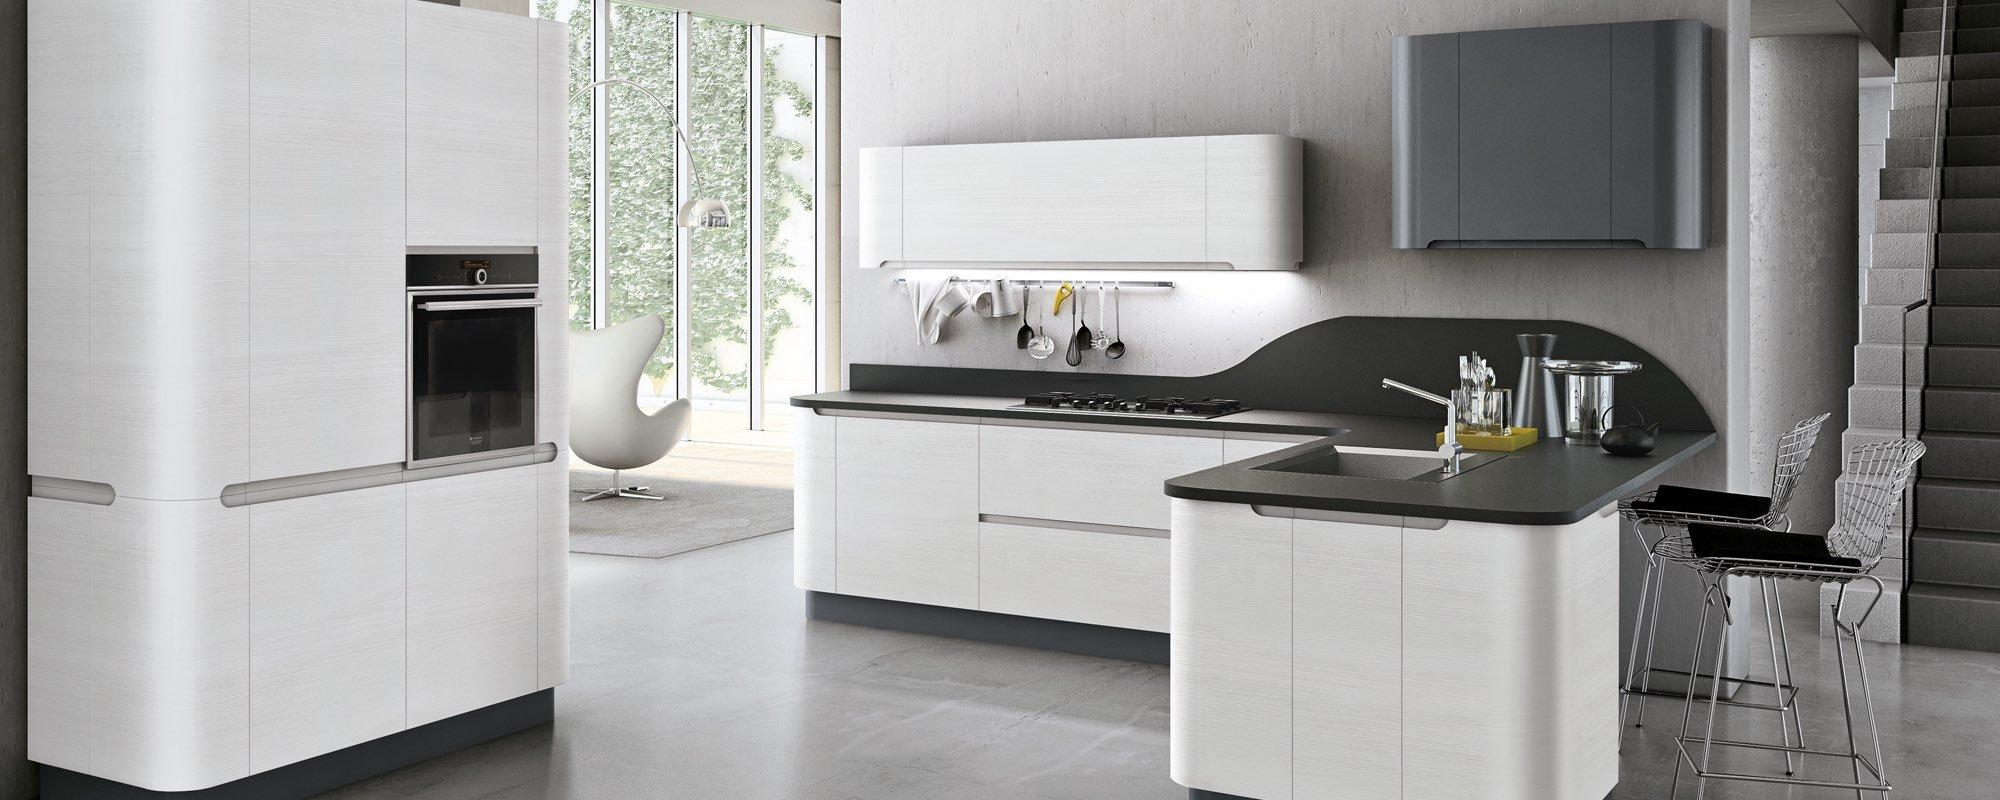 vista frontale di una cucina moderna in legno ad angolo - Bring